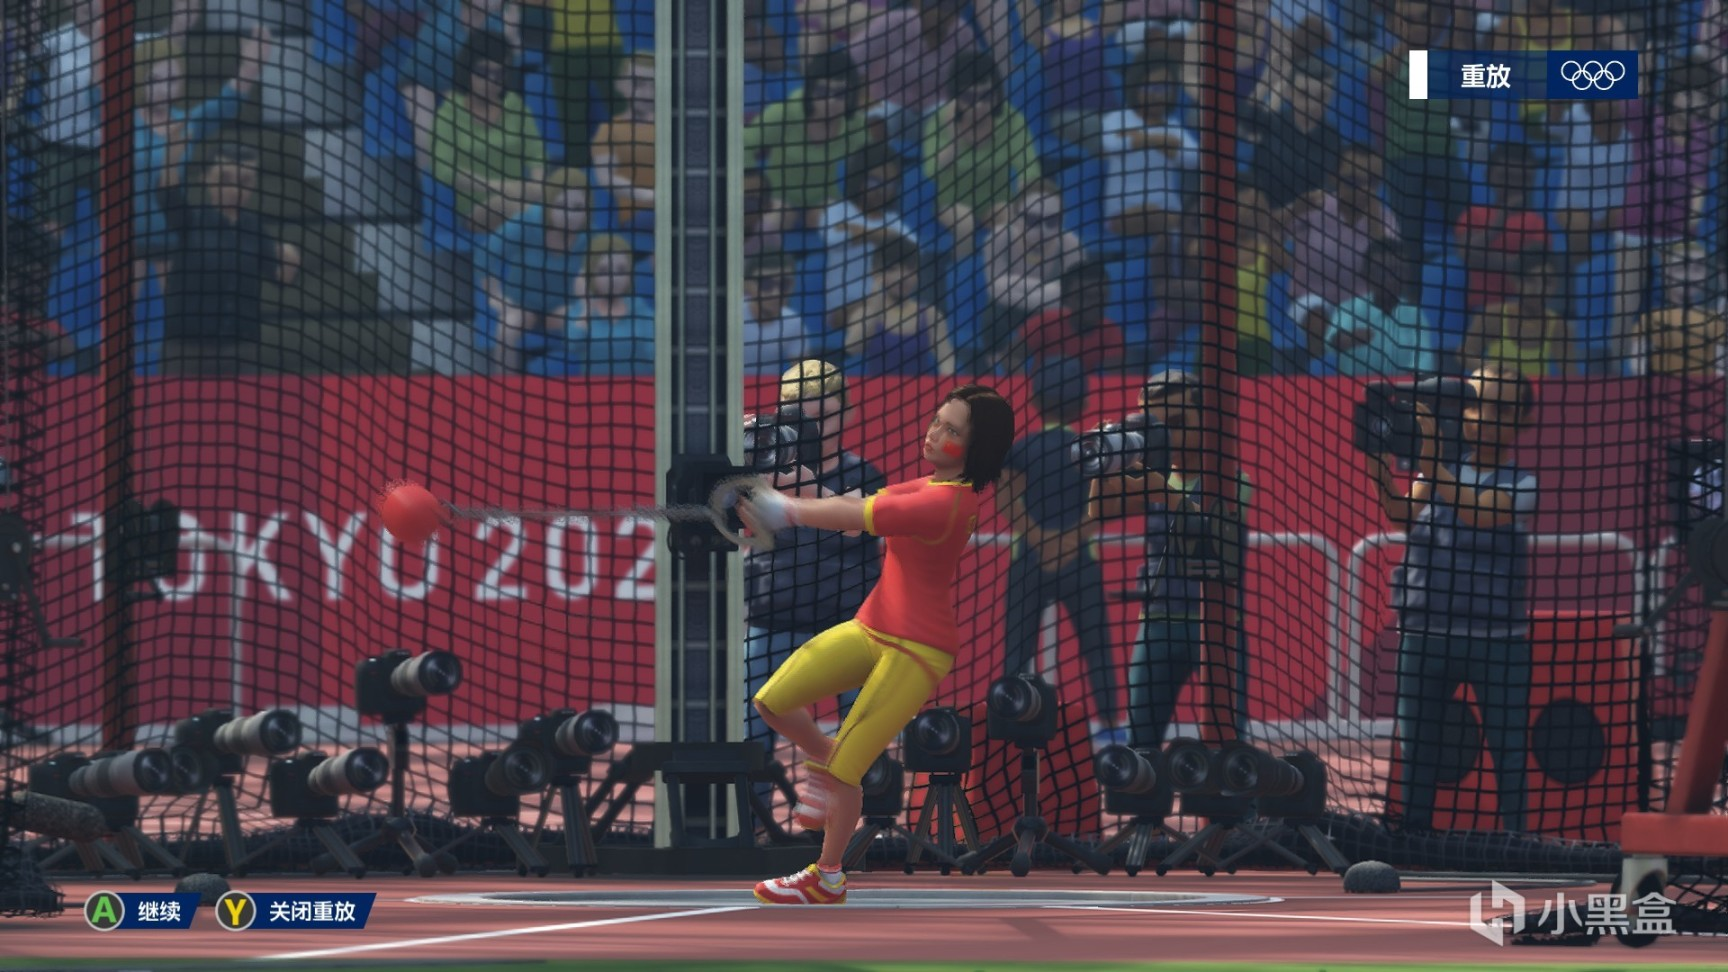 合家欢乐,更具奥运精神的赛事安可——《2020东京奥运 官方授权游戏》插图12